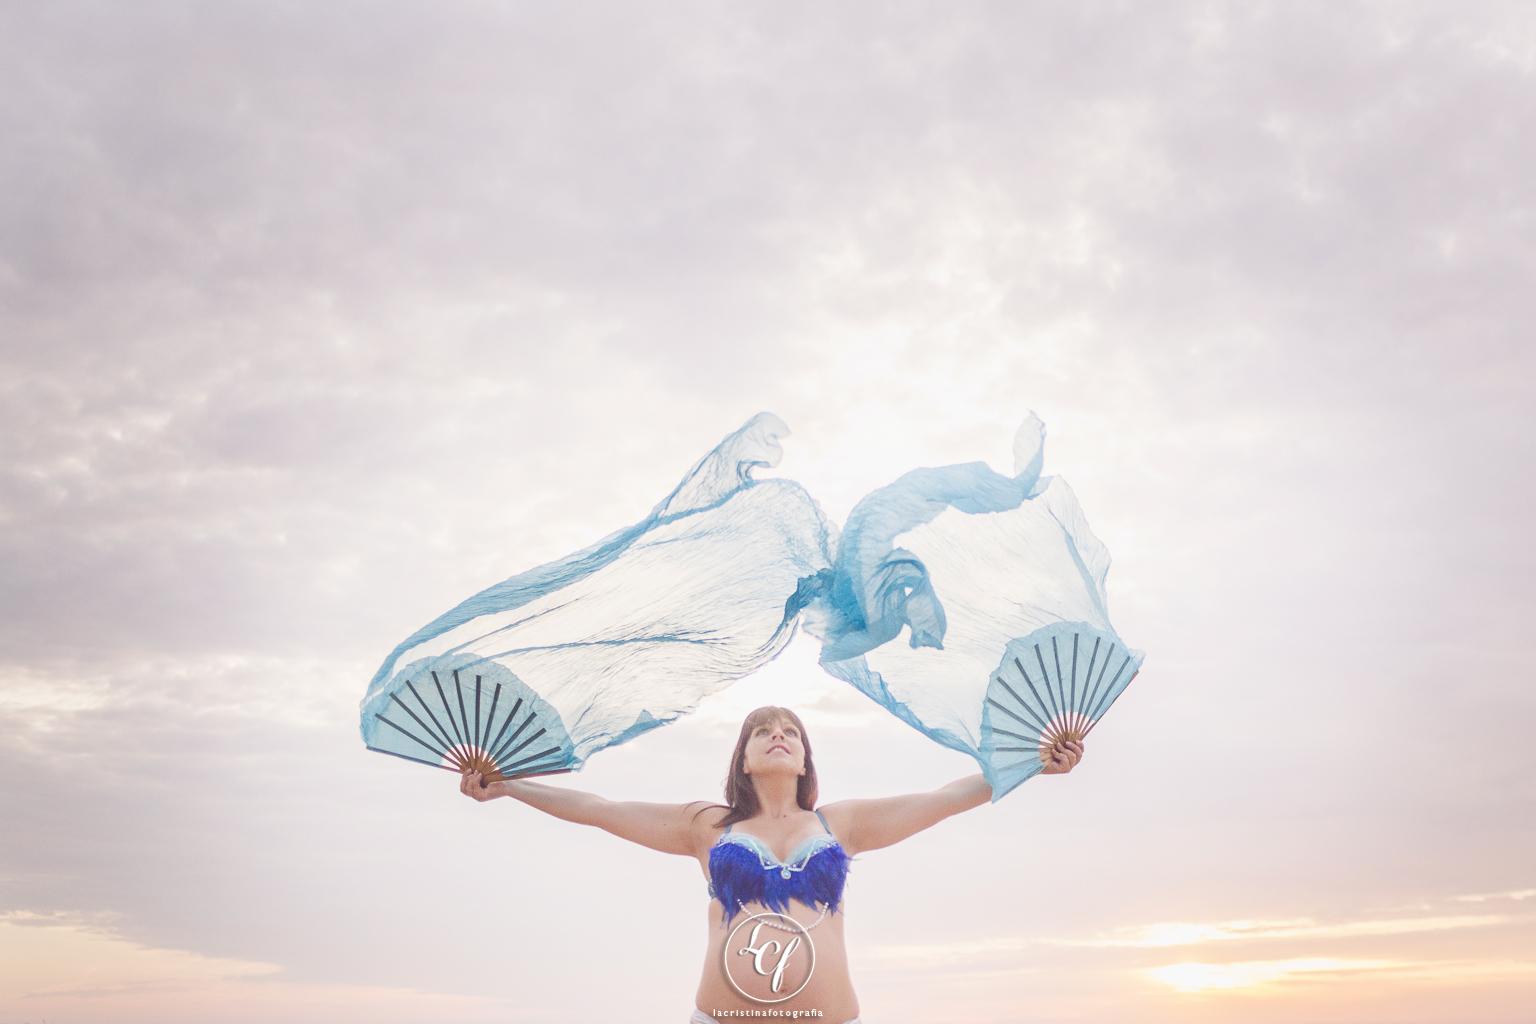 fotógrafo embarazo :: fotógrafo embarazadas :: fotografía embarazada playa :: Vilassar de mar